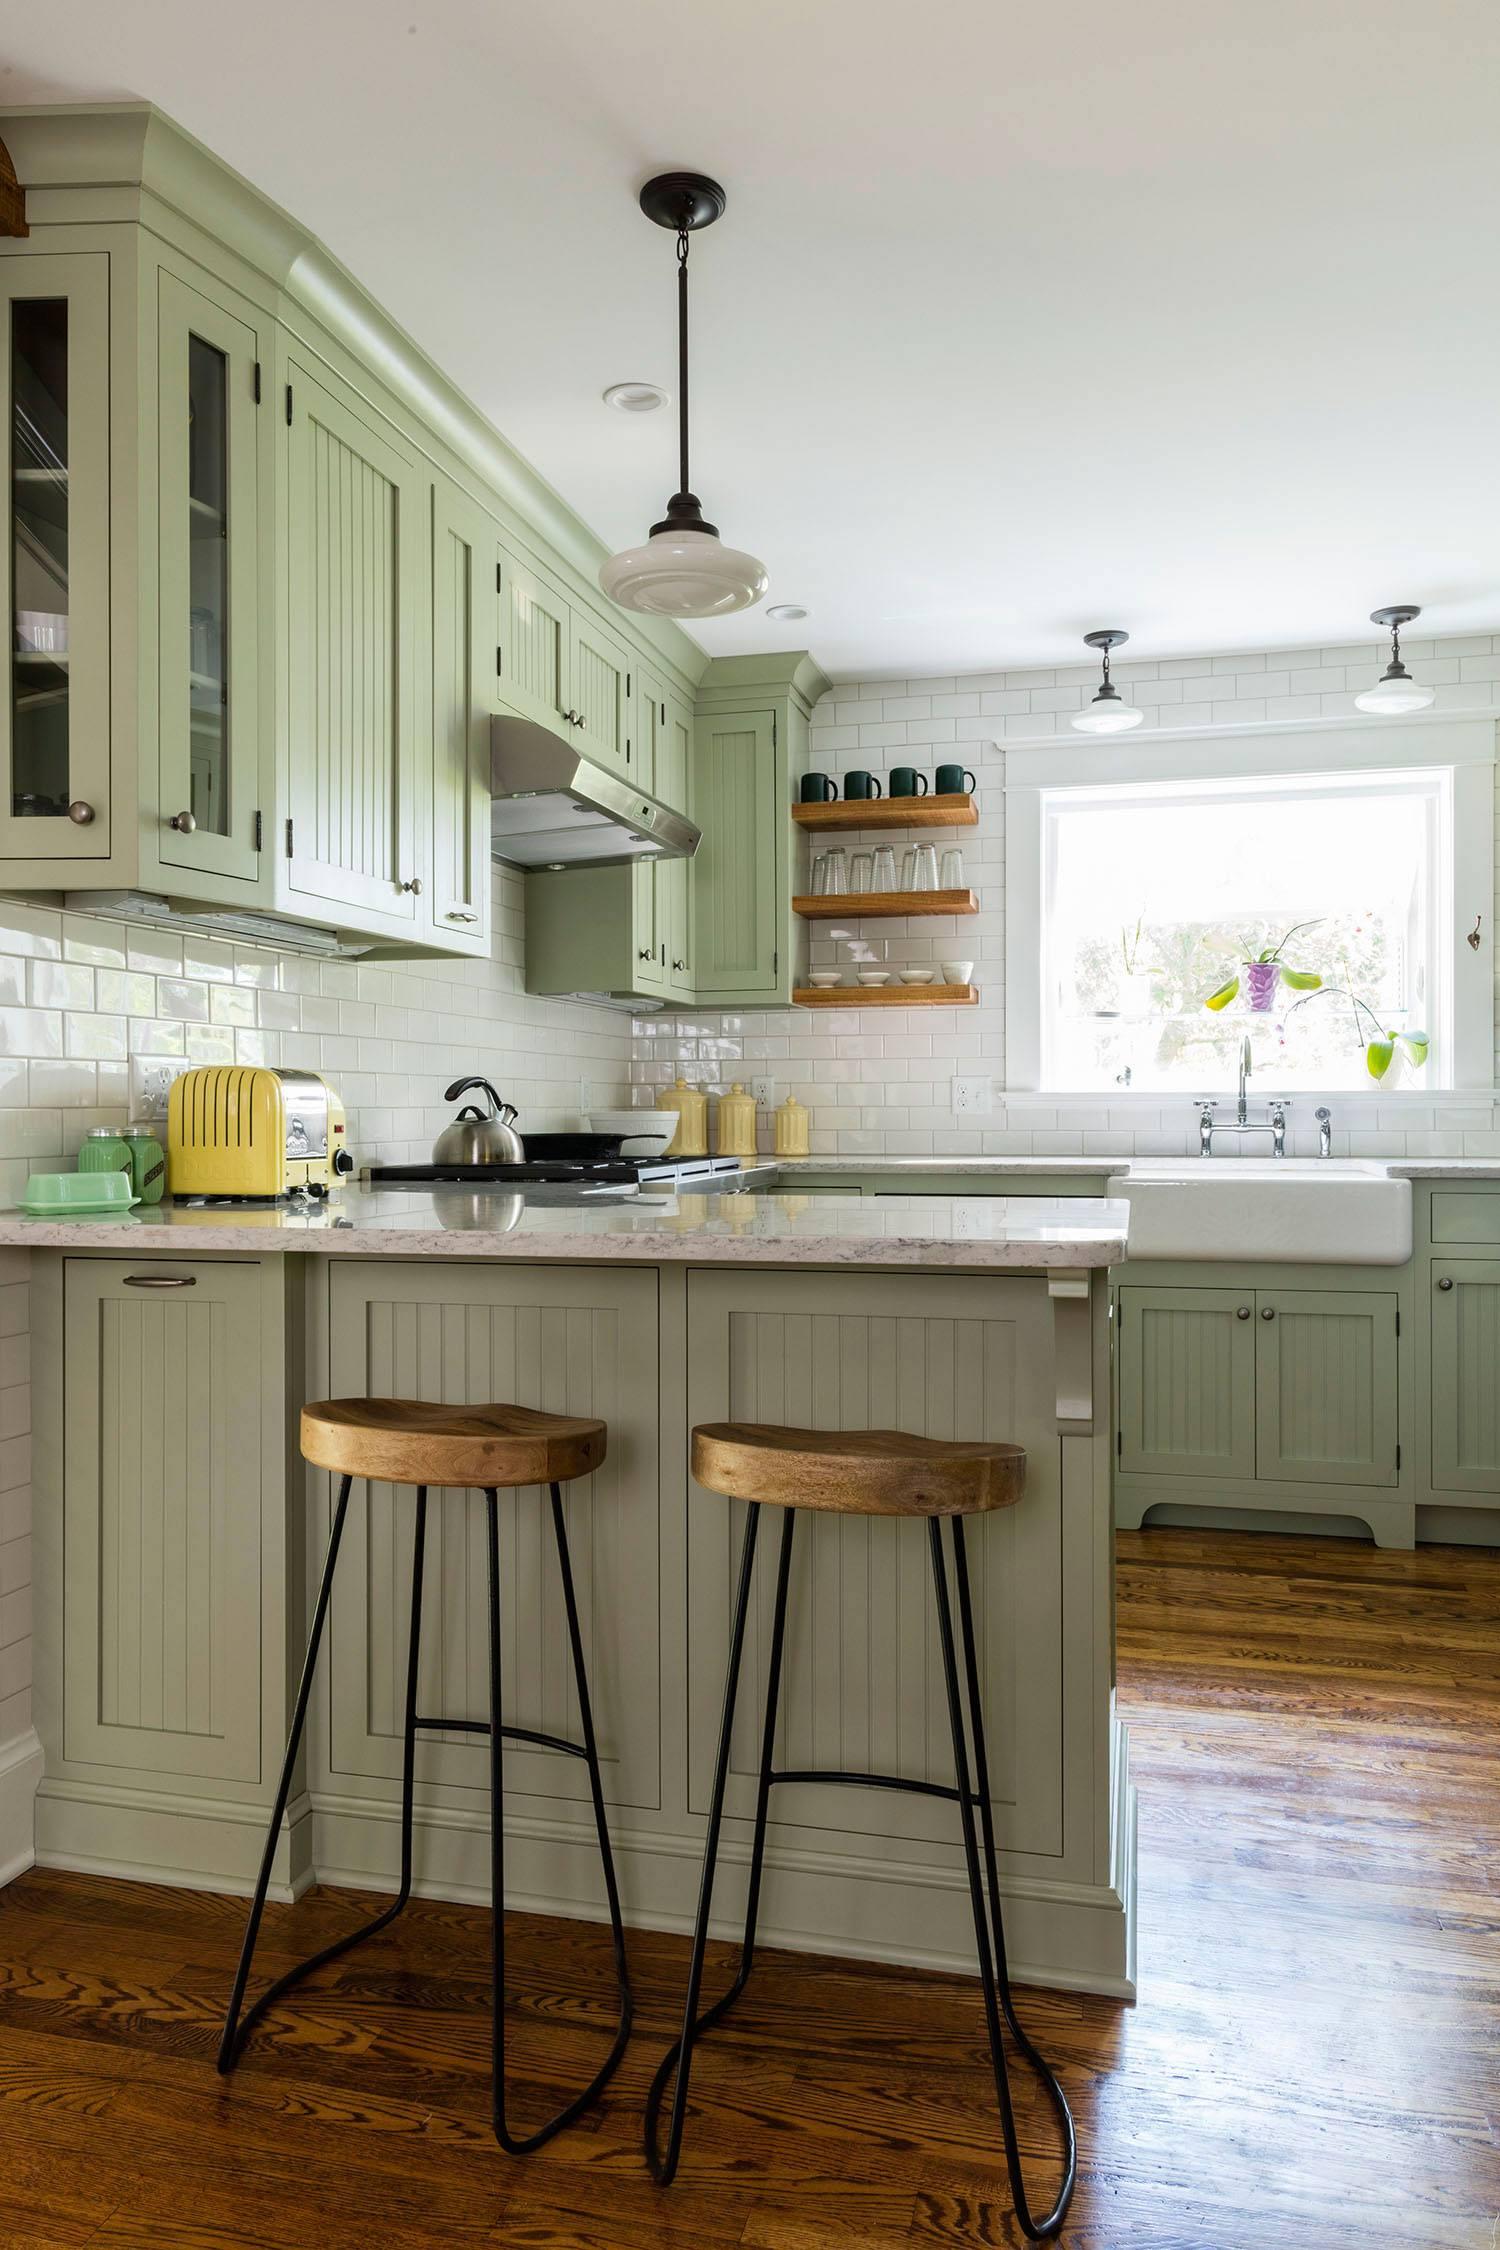 modern-vintage-kitchen-peninsula-seating.jpg